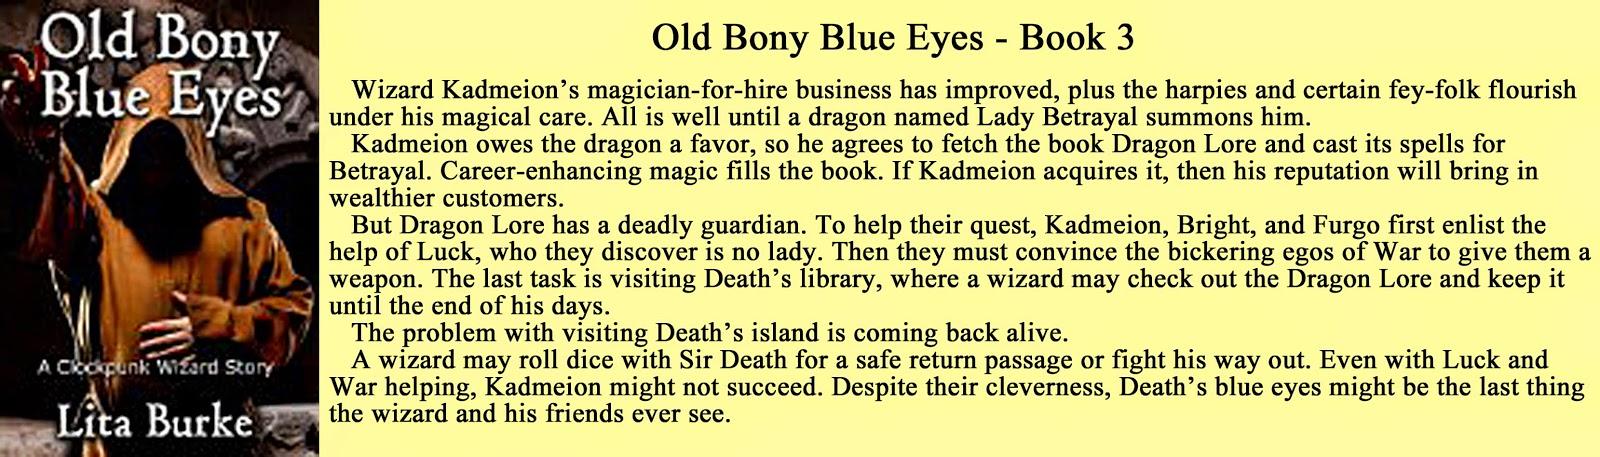 http://www.amazon.com/Bony-Blue-Eyes-Clockpunk-Wizard-ebook/dp/B00EW4BJKA/ref=sr_1_6?ie=UTF8&qid=1408529073&sr=8-6&keywords=lita+burke